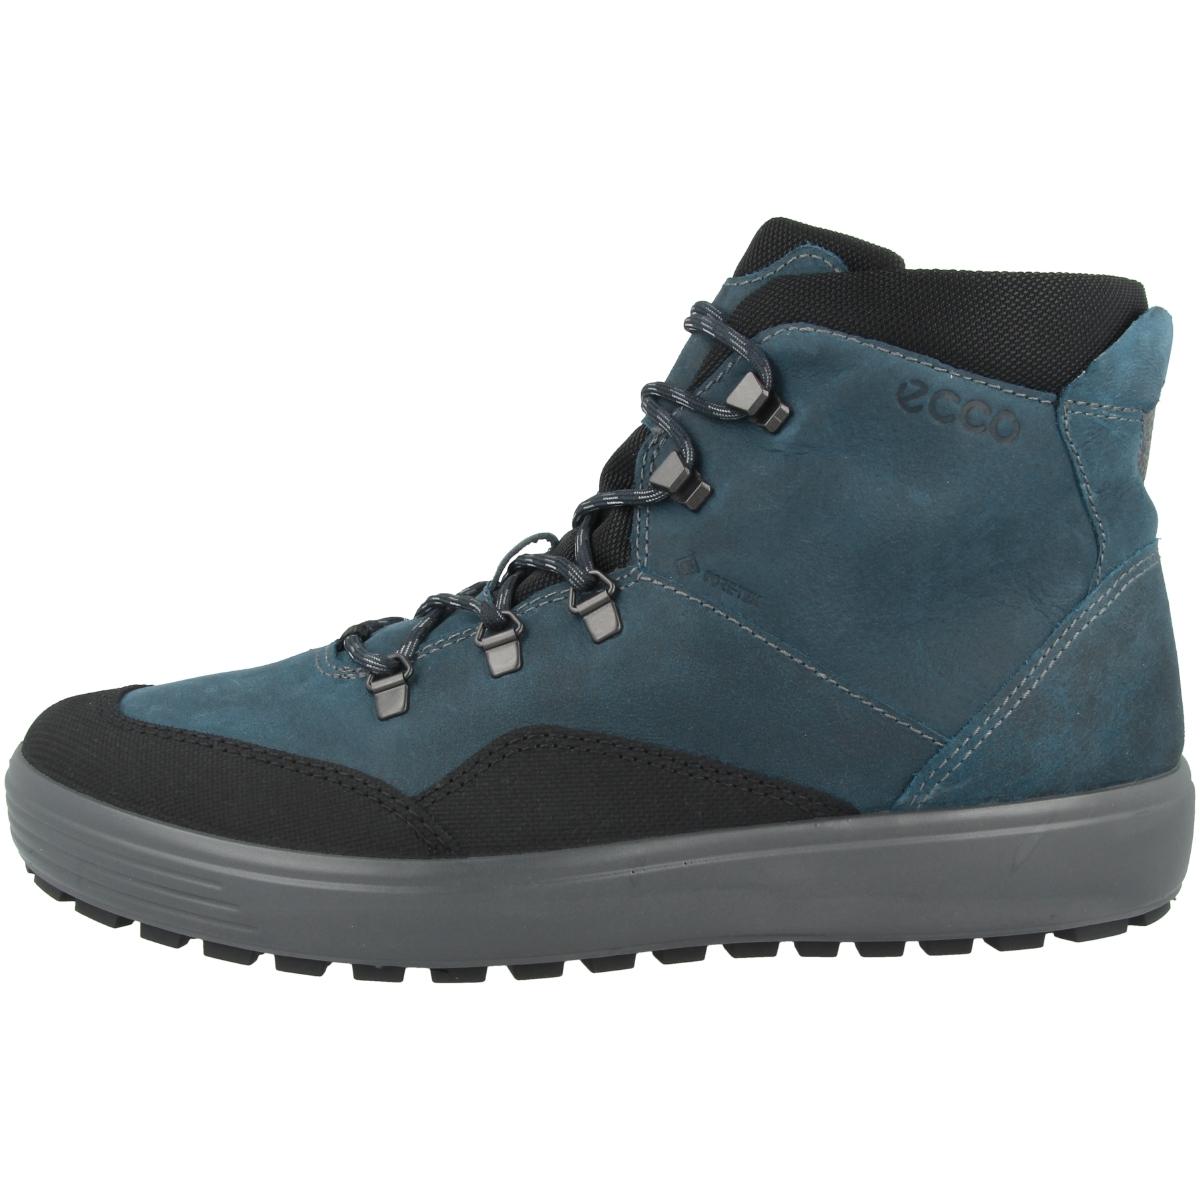 Details zu Ecco Soft 7 Tred Men GTX Boots Gore Tex Schnürschuhe Hiking Stiefel 450264 50805